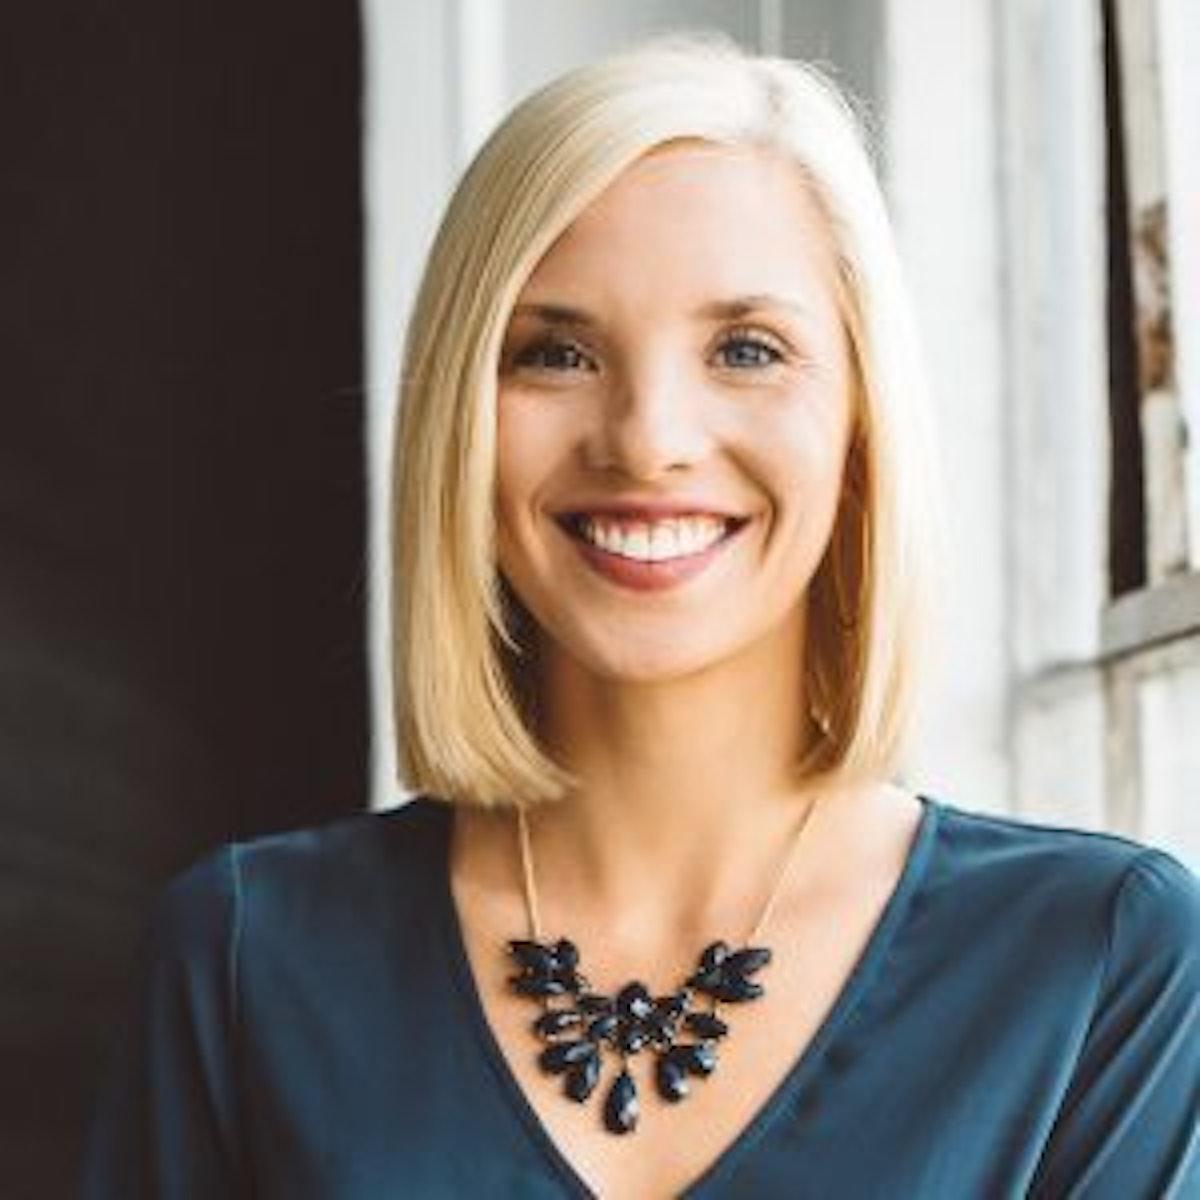 Kate Lienesch